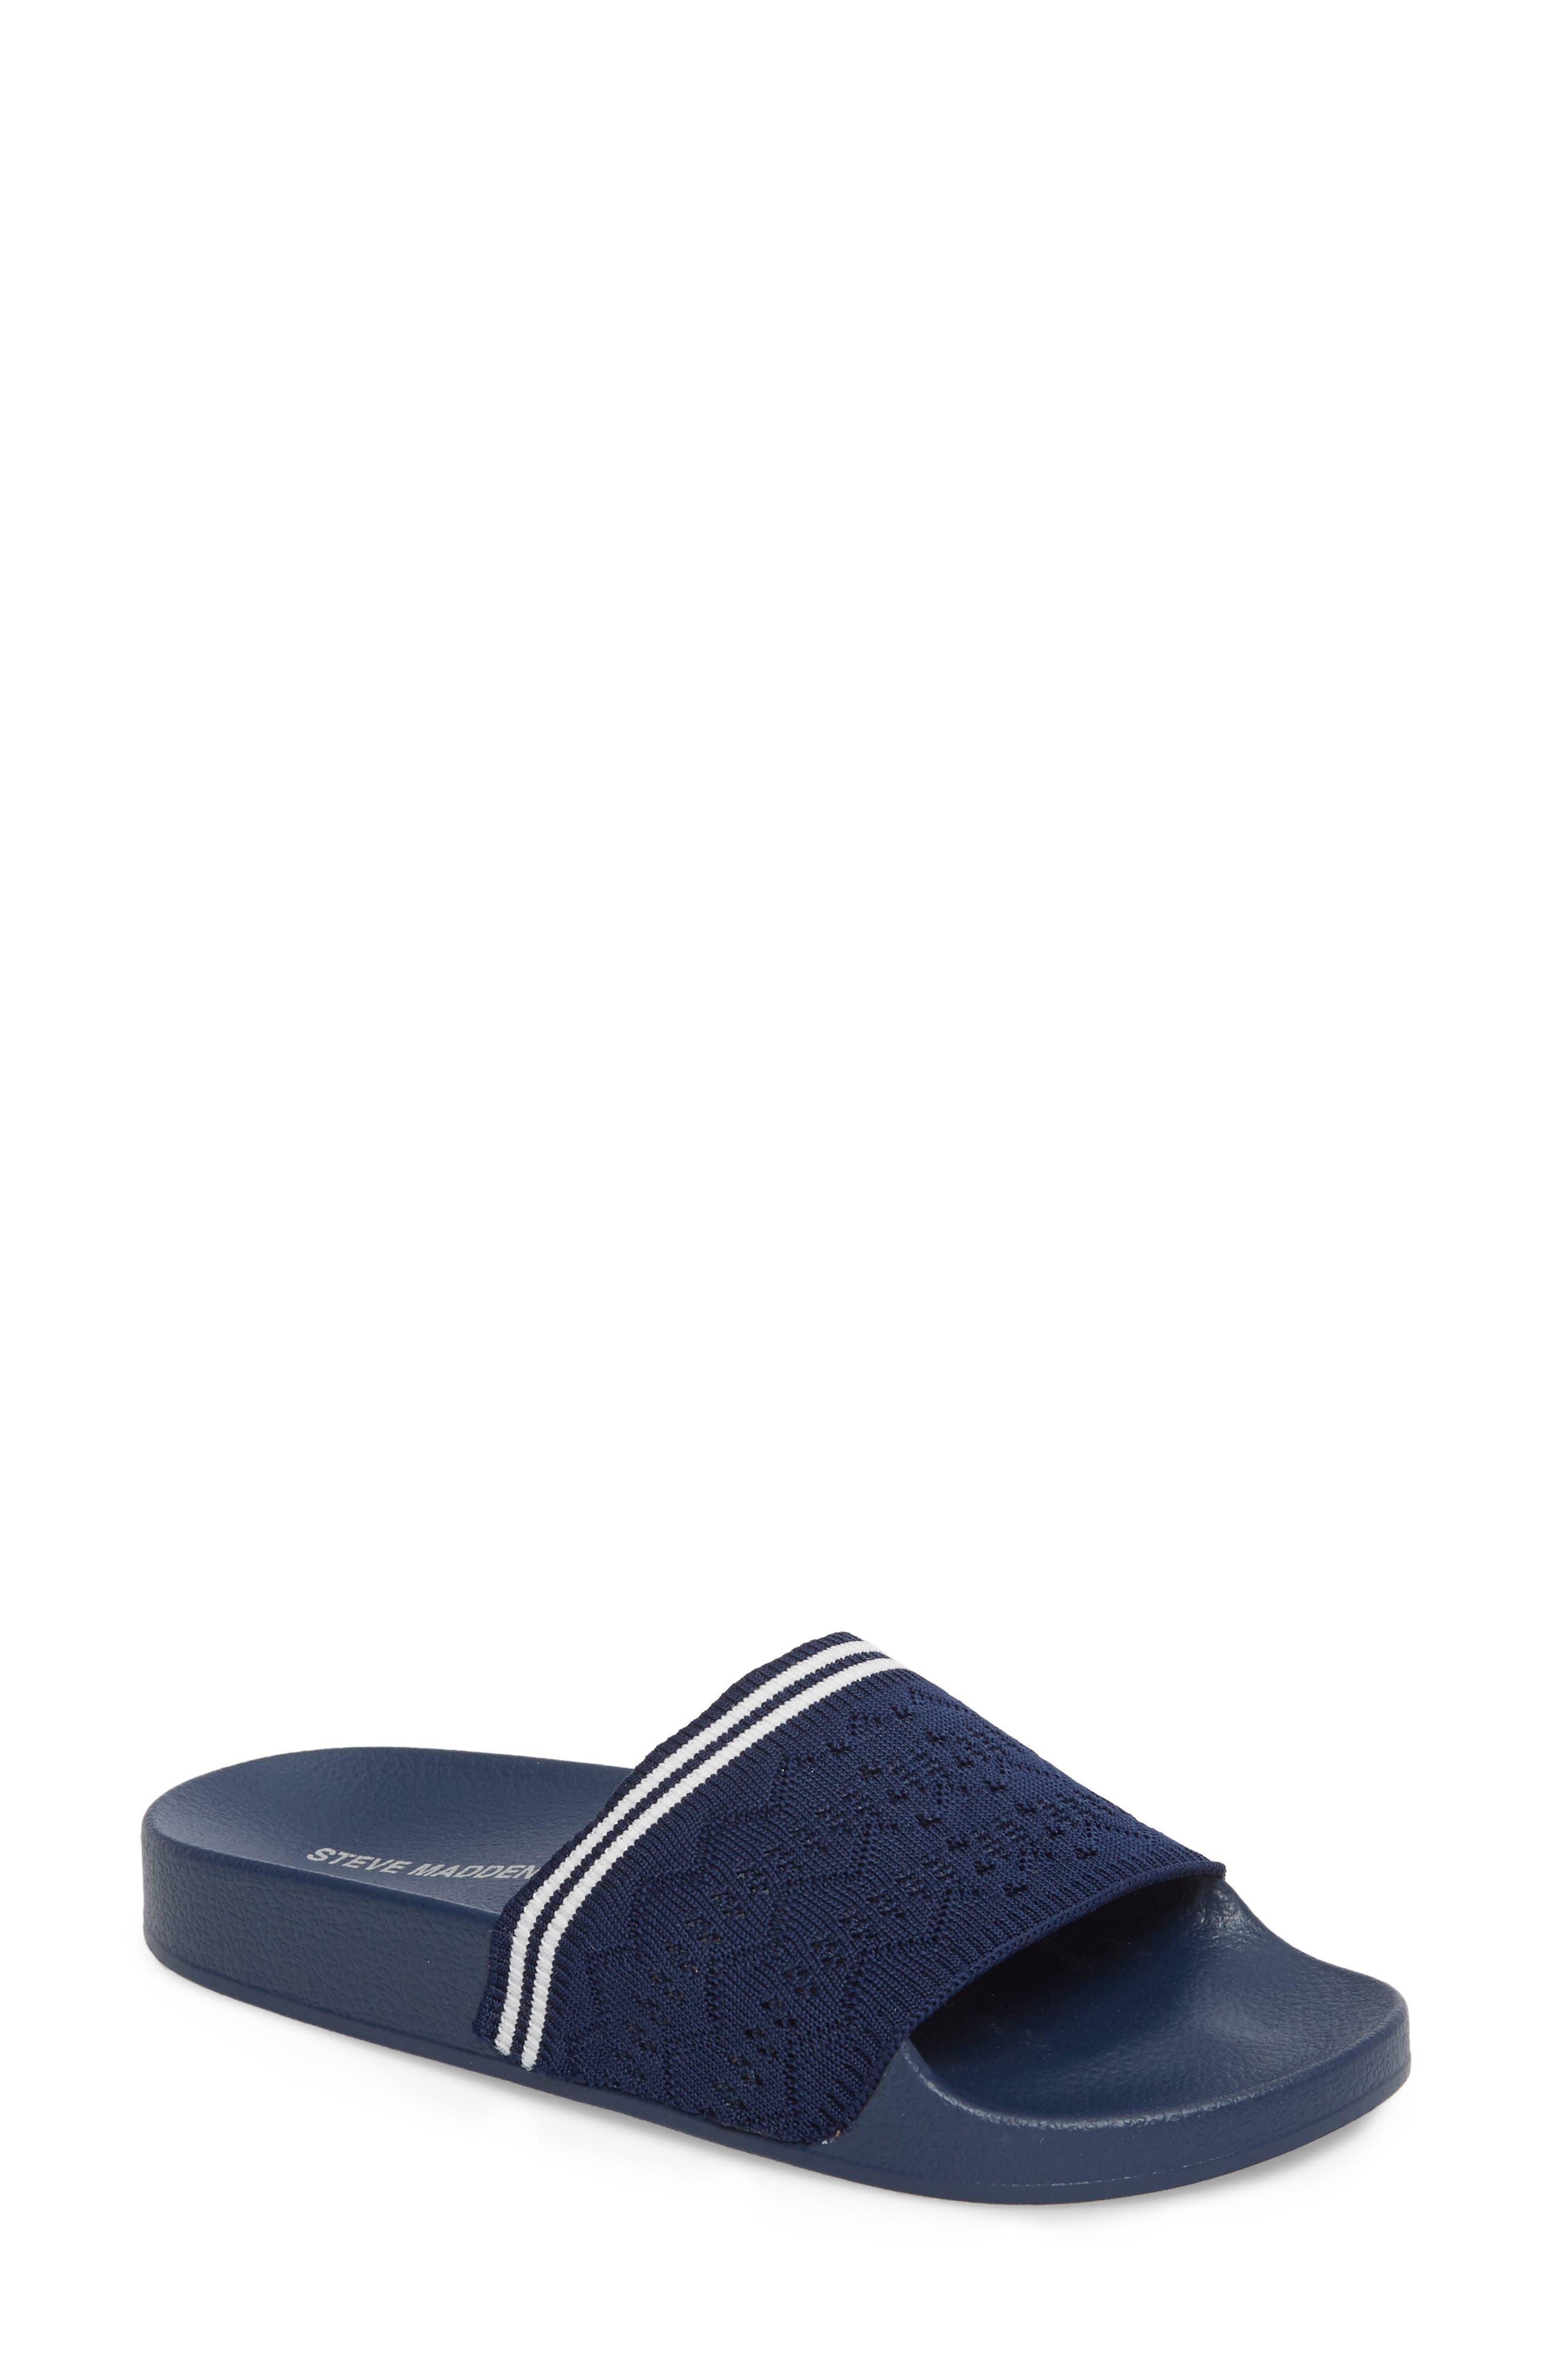 Vibe Sock Knit Slide Sandal,                             Main thumbnail 3, color,